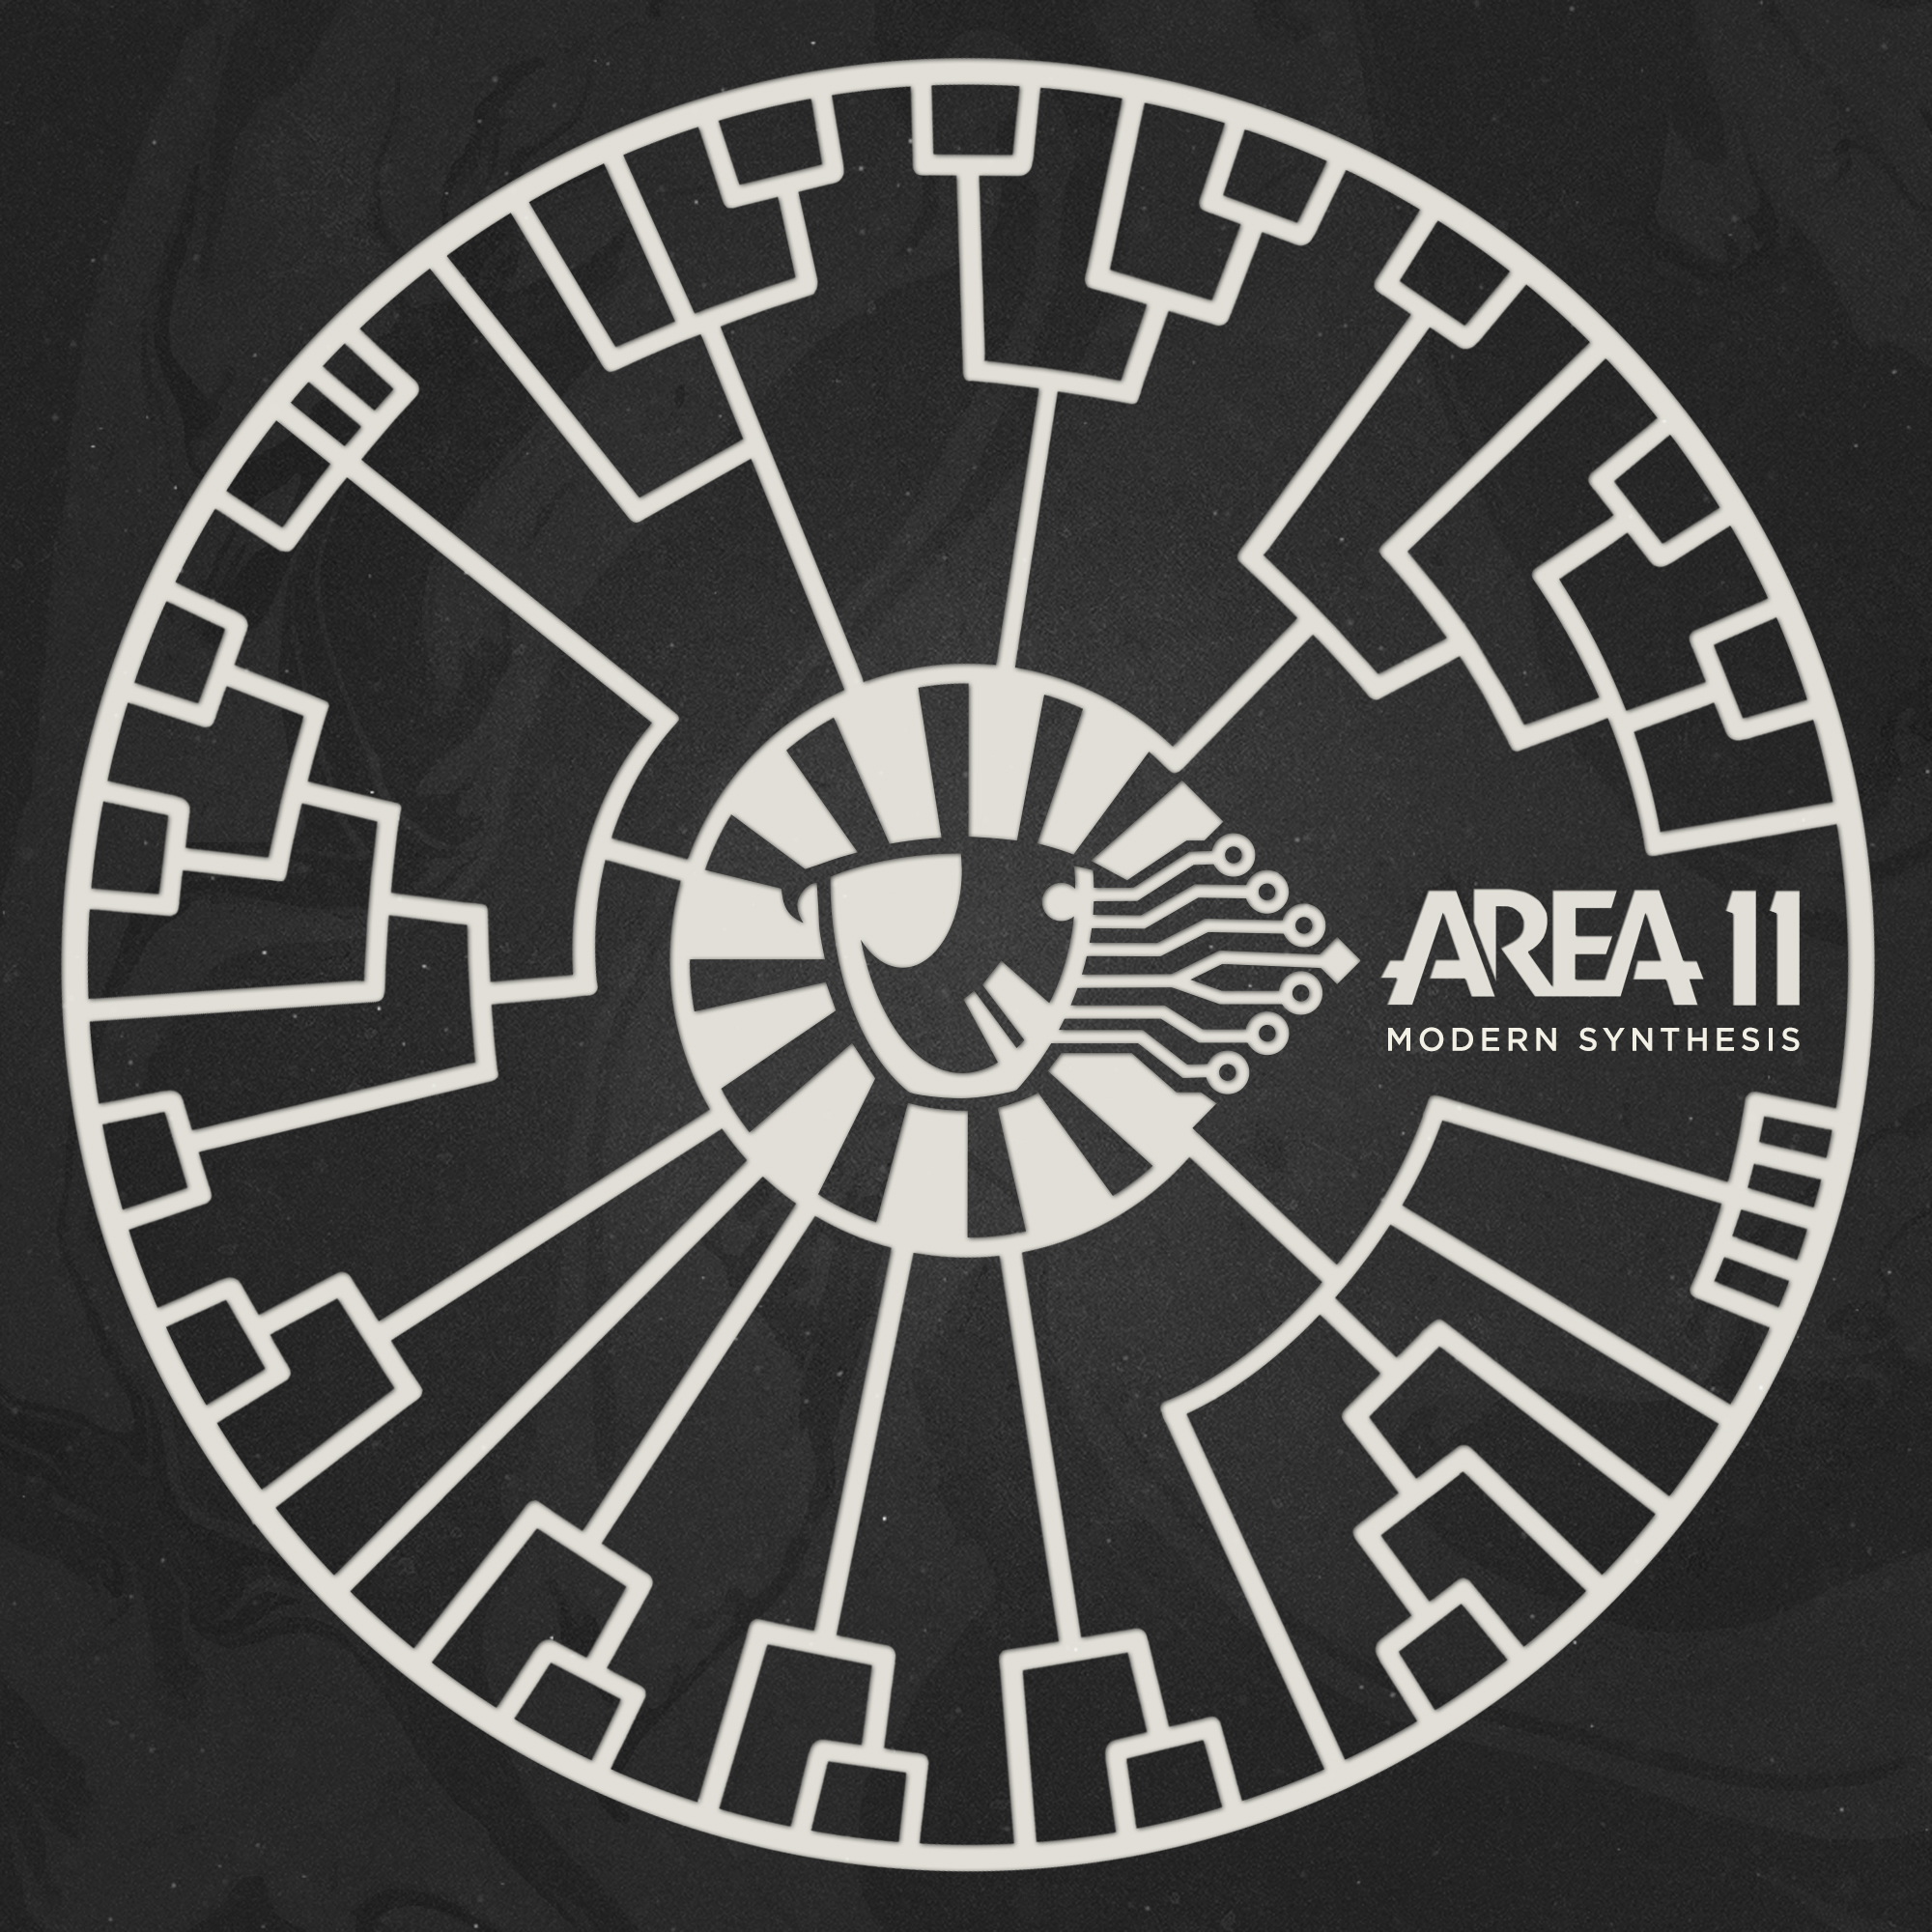 area 11